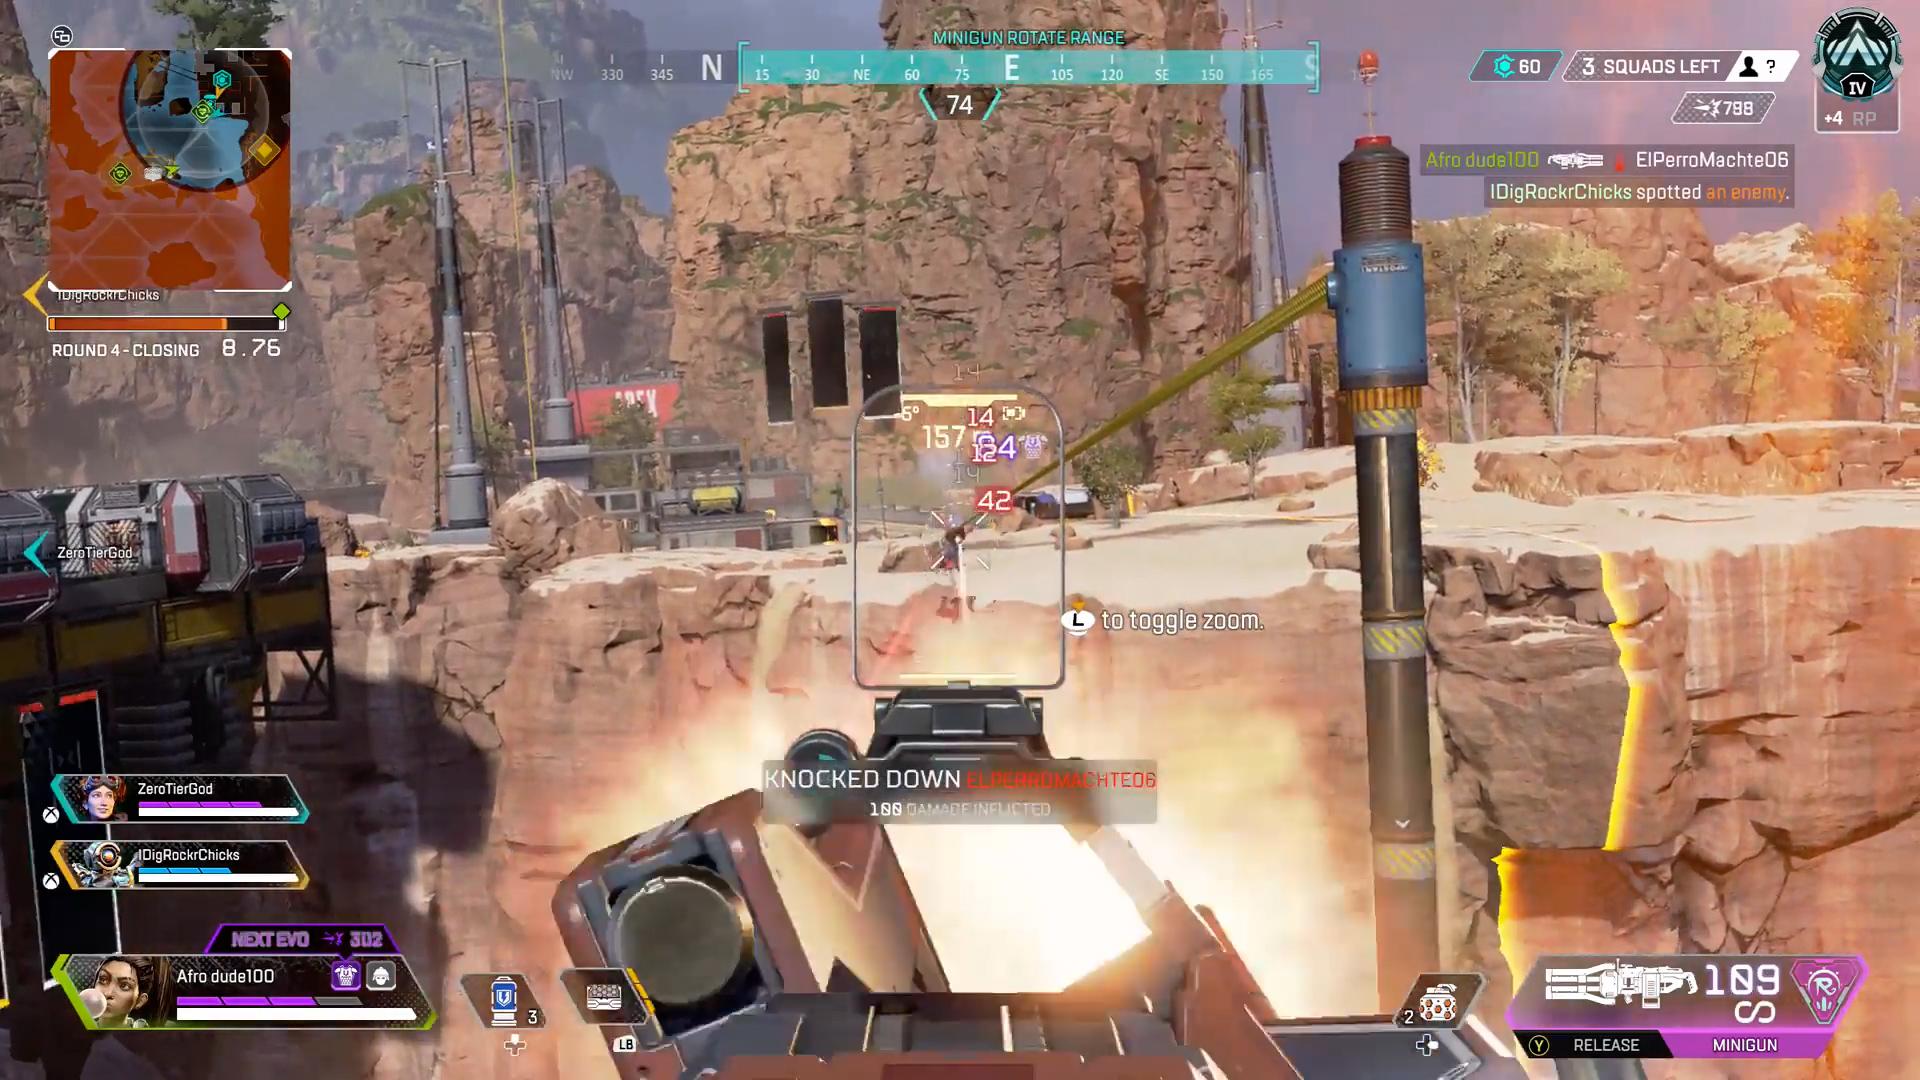 【APEX】ミラージュボヤージュに居るランパートを倒そうとした敵部隊が一瞬で・・・